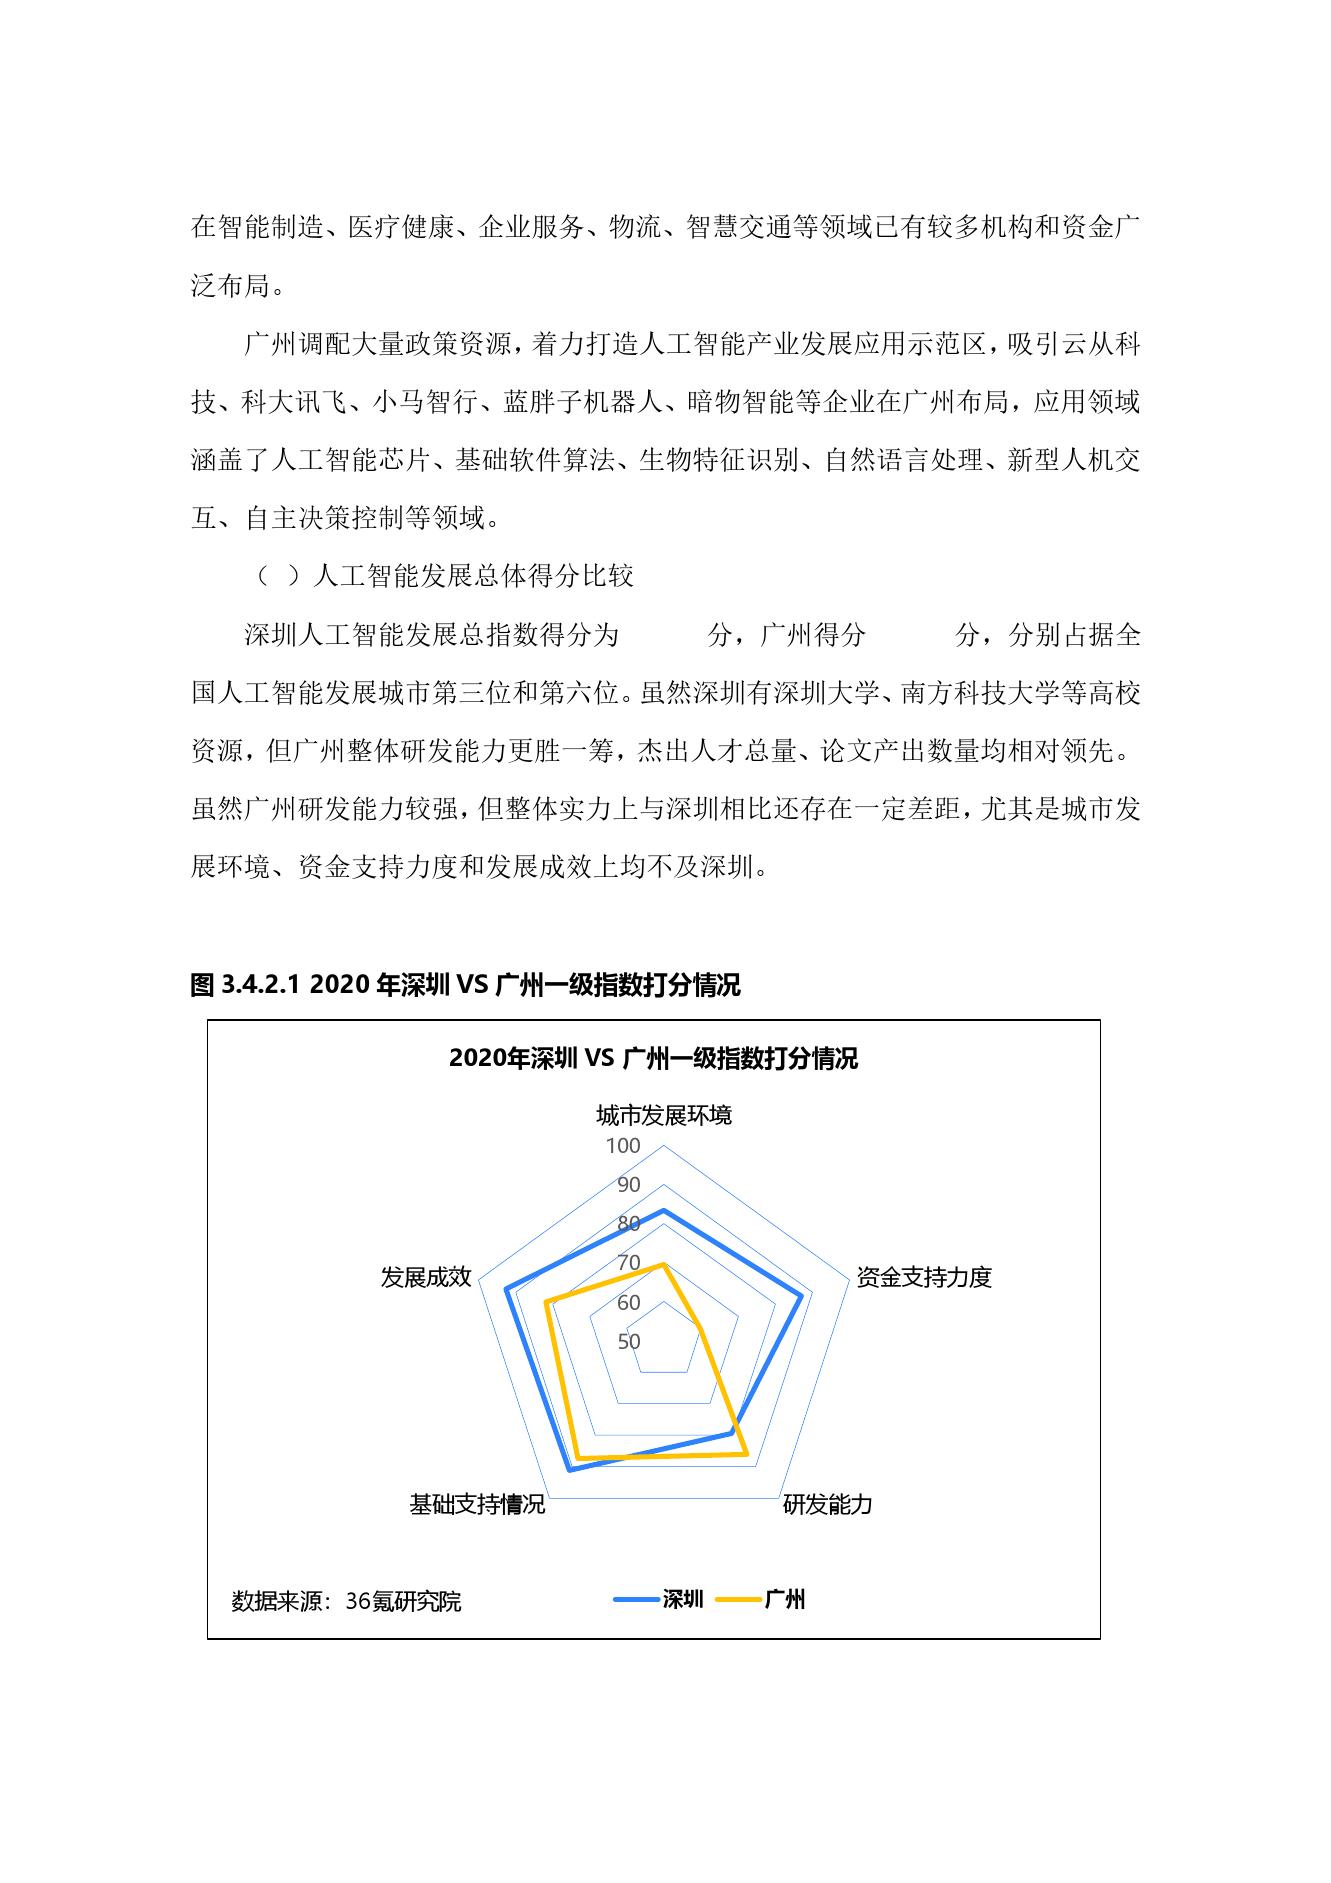 36氪研究院:2020年中国城市人工智能发展指数报告(可下载报告)插图(73)